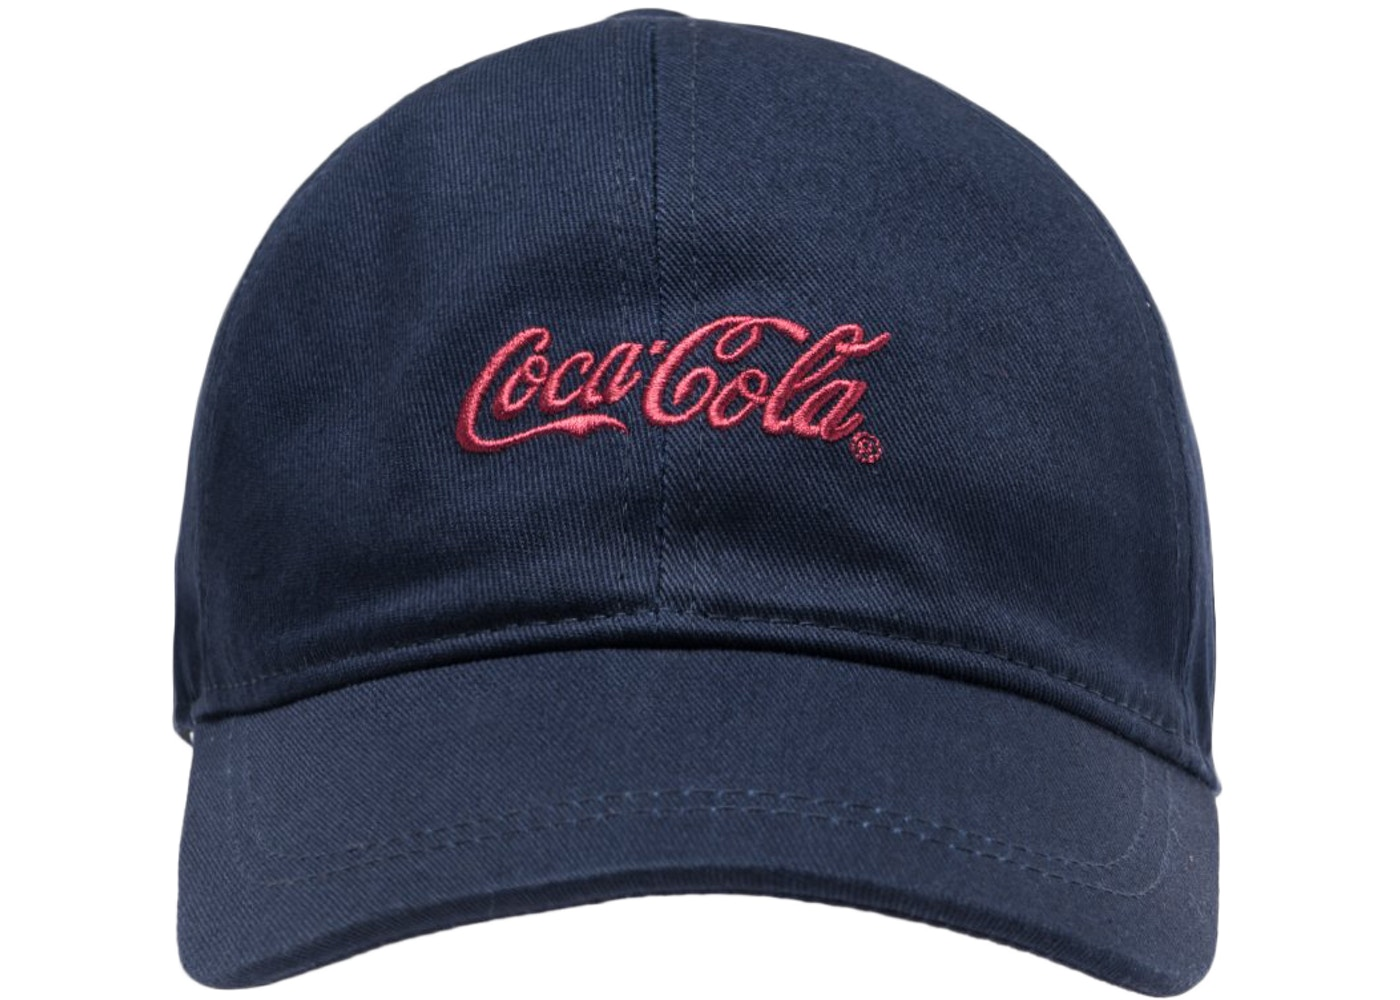 12c47764 Kith x Coca-Cola Classic Coke Logo Cap Navy - FW18 - StockX